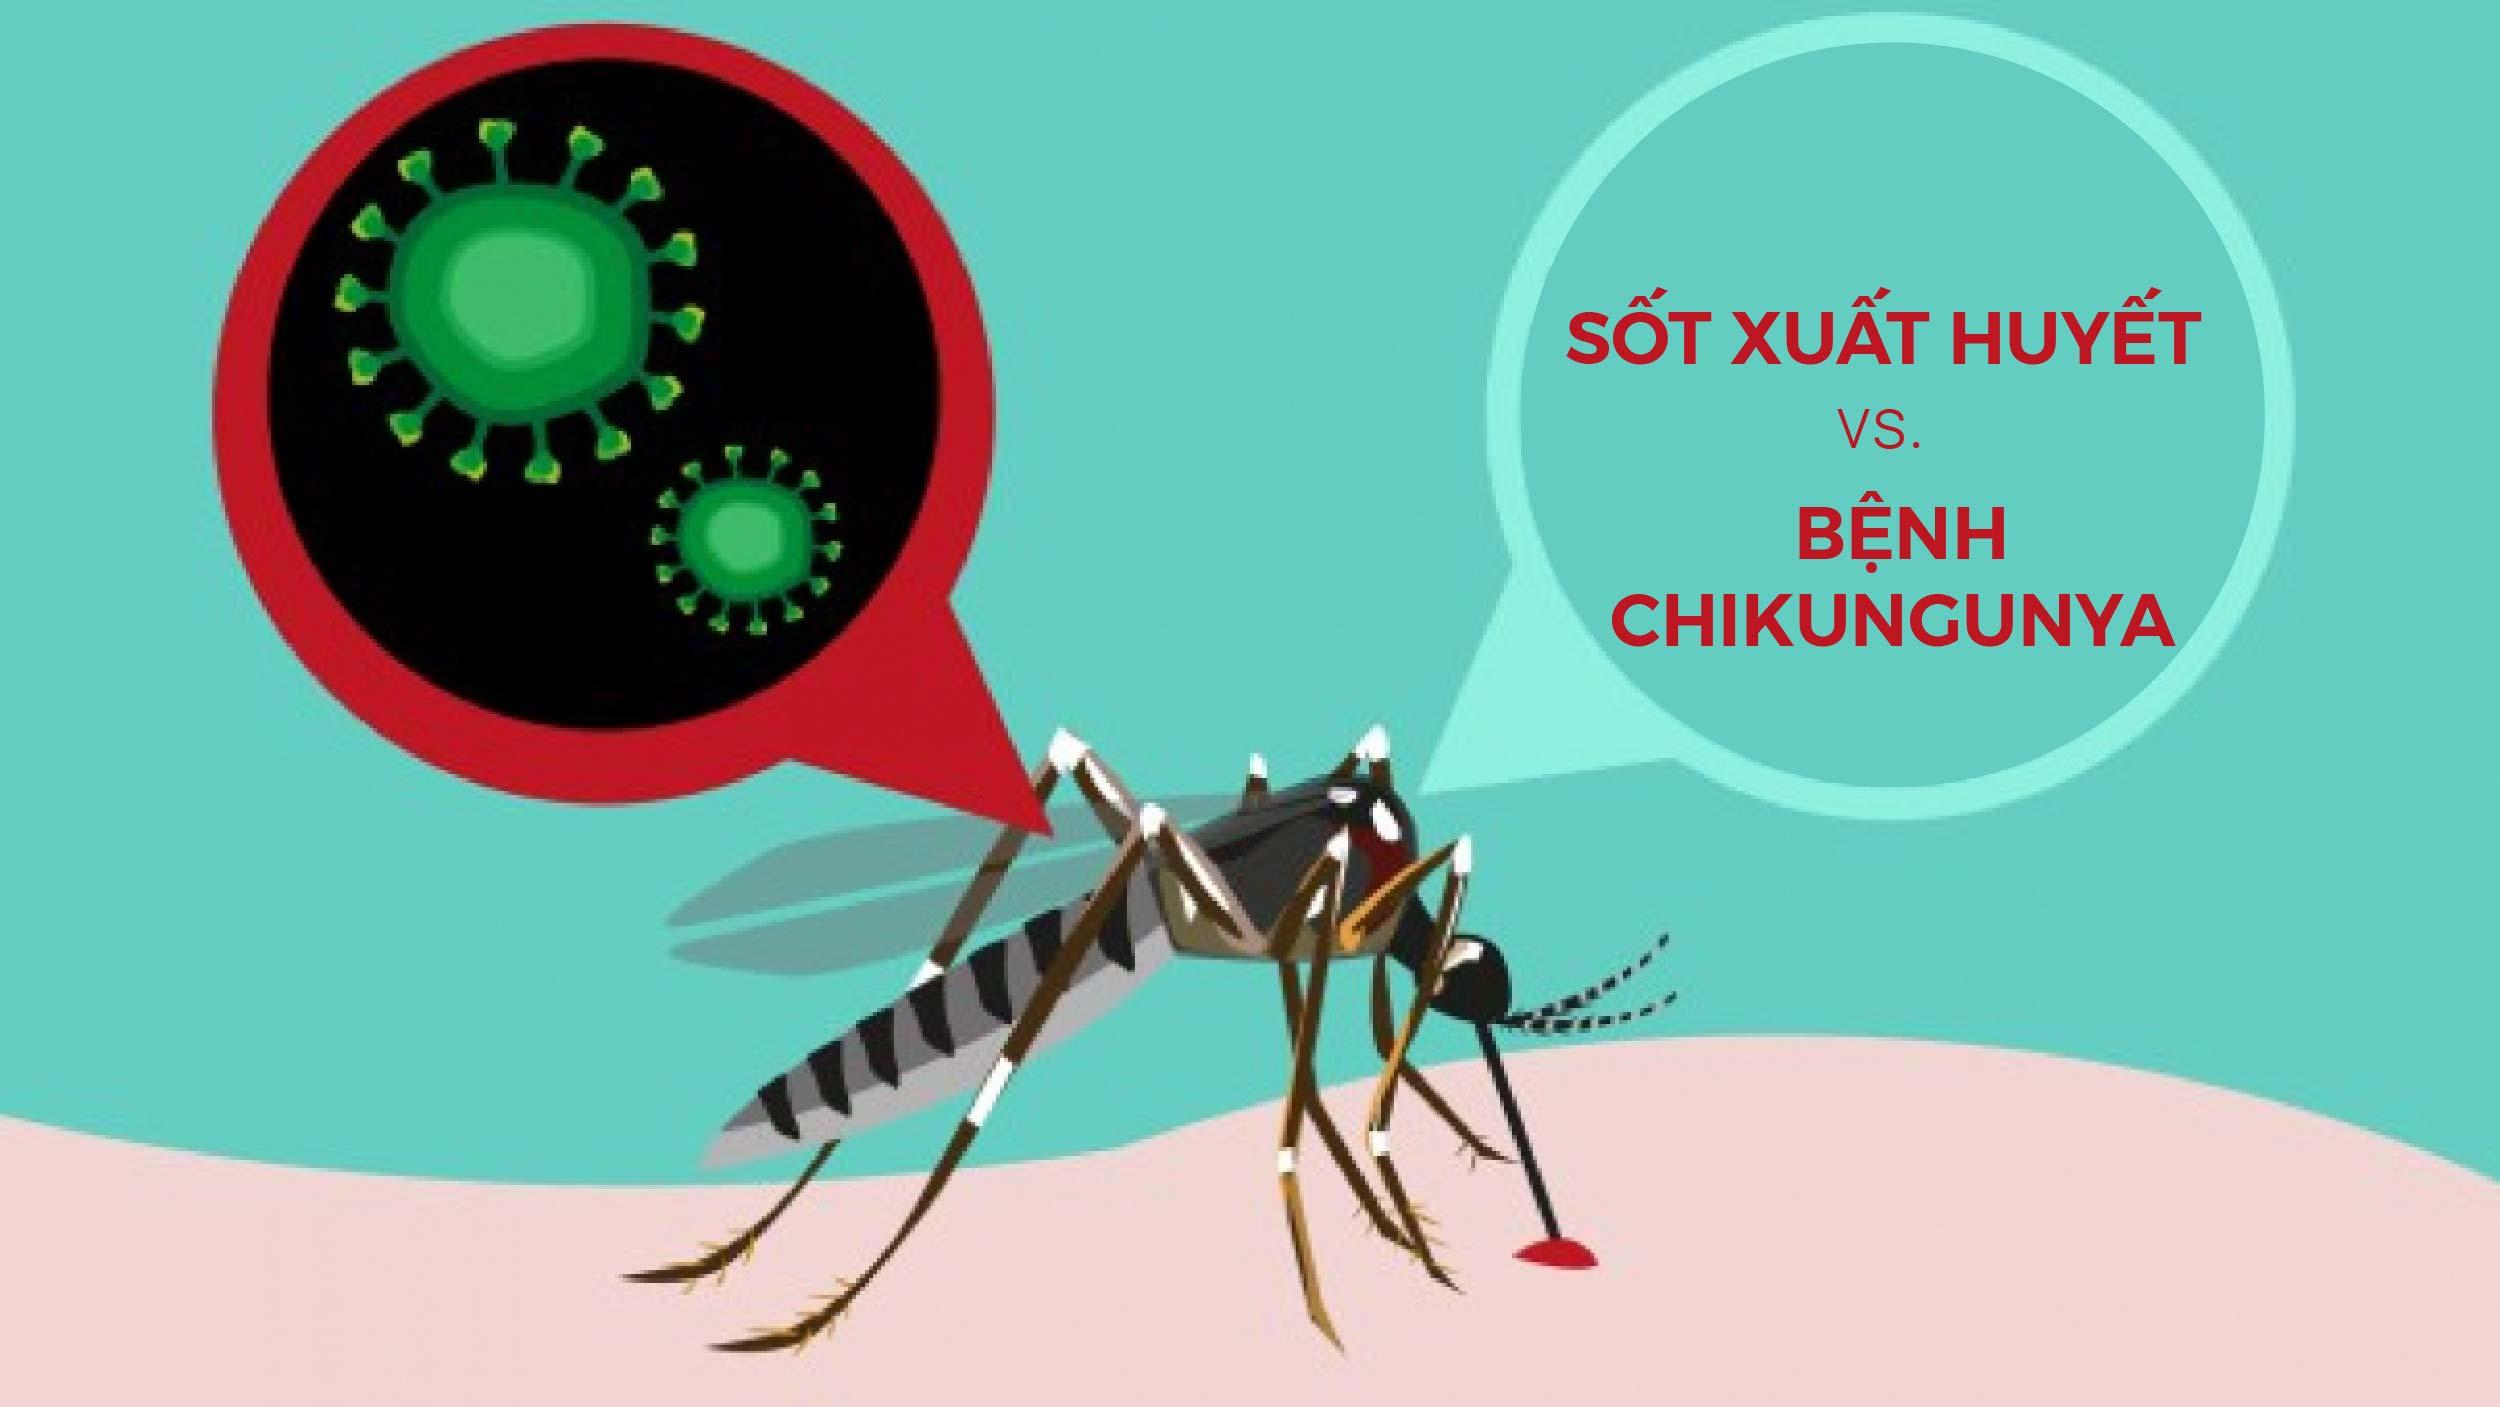 Sốt xuất huyết và bệnh Chikungunya: Sự khác biệt là gì? (4)